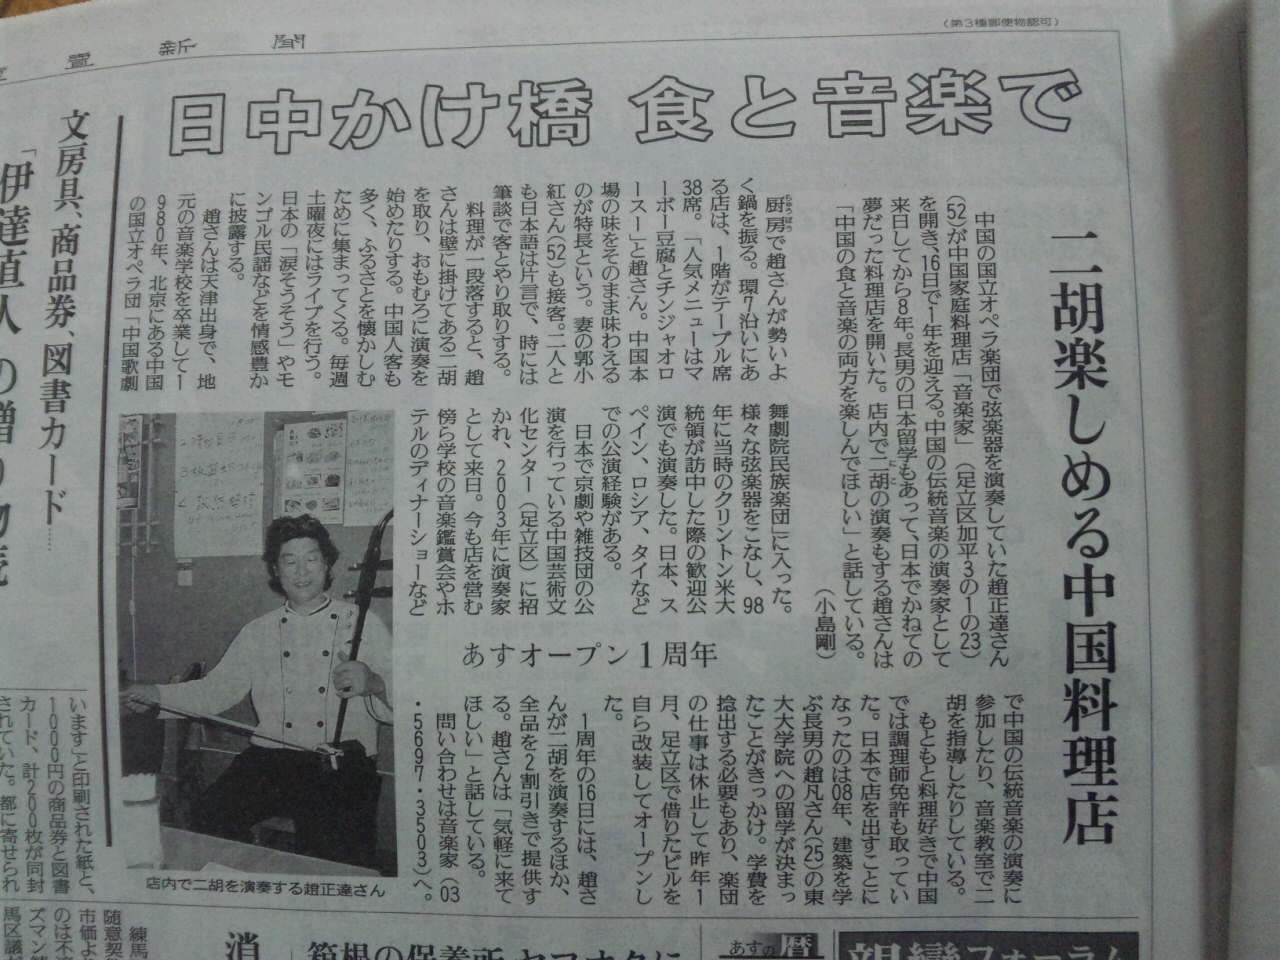 趙正達さん 読売新聞に大きく登場_d0027795_9132226.jpg